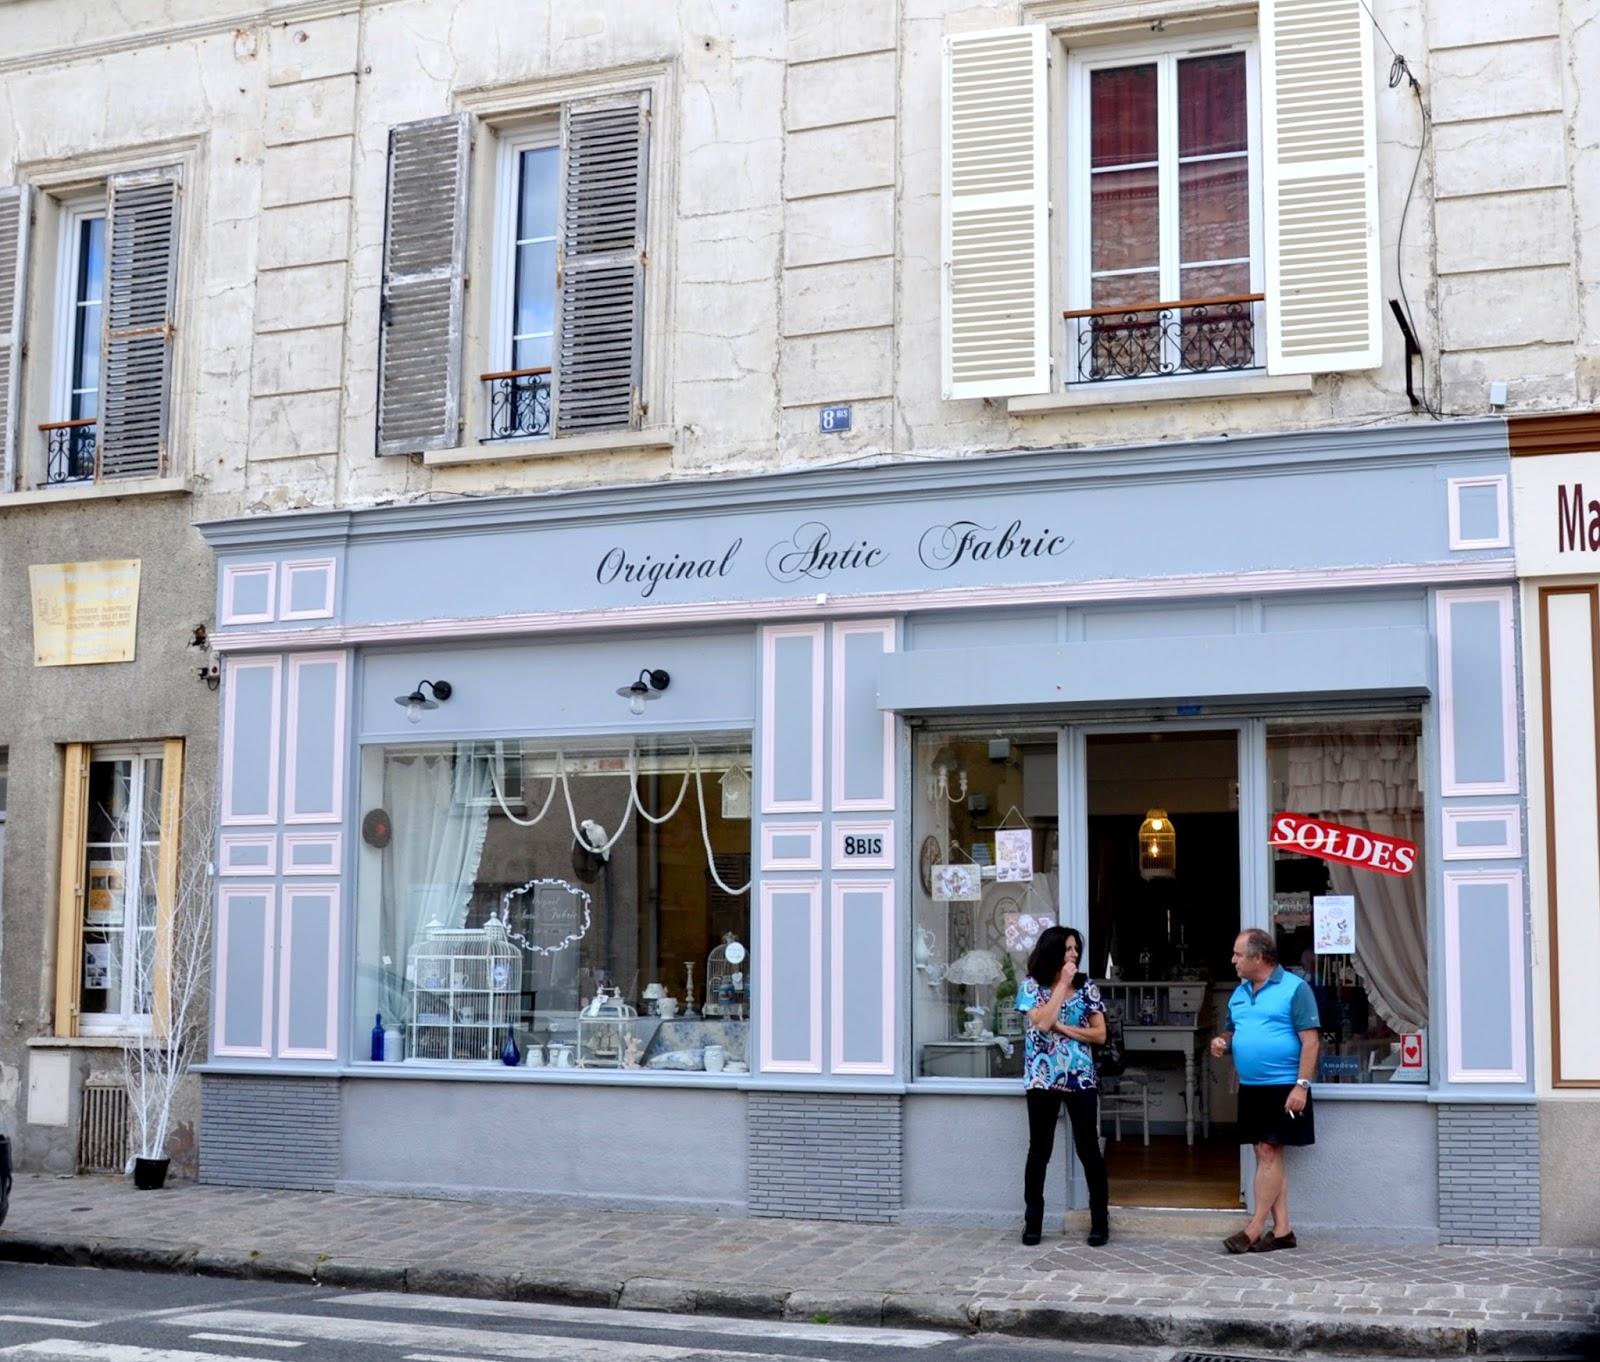 histoire des commerces de milly la foret n 8 bis rue saint jacques original antic fabric. Black Bedroom Furniture Sets. Home Design Ideas